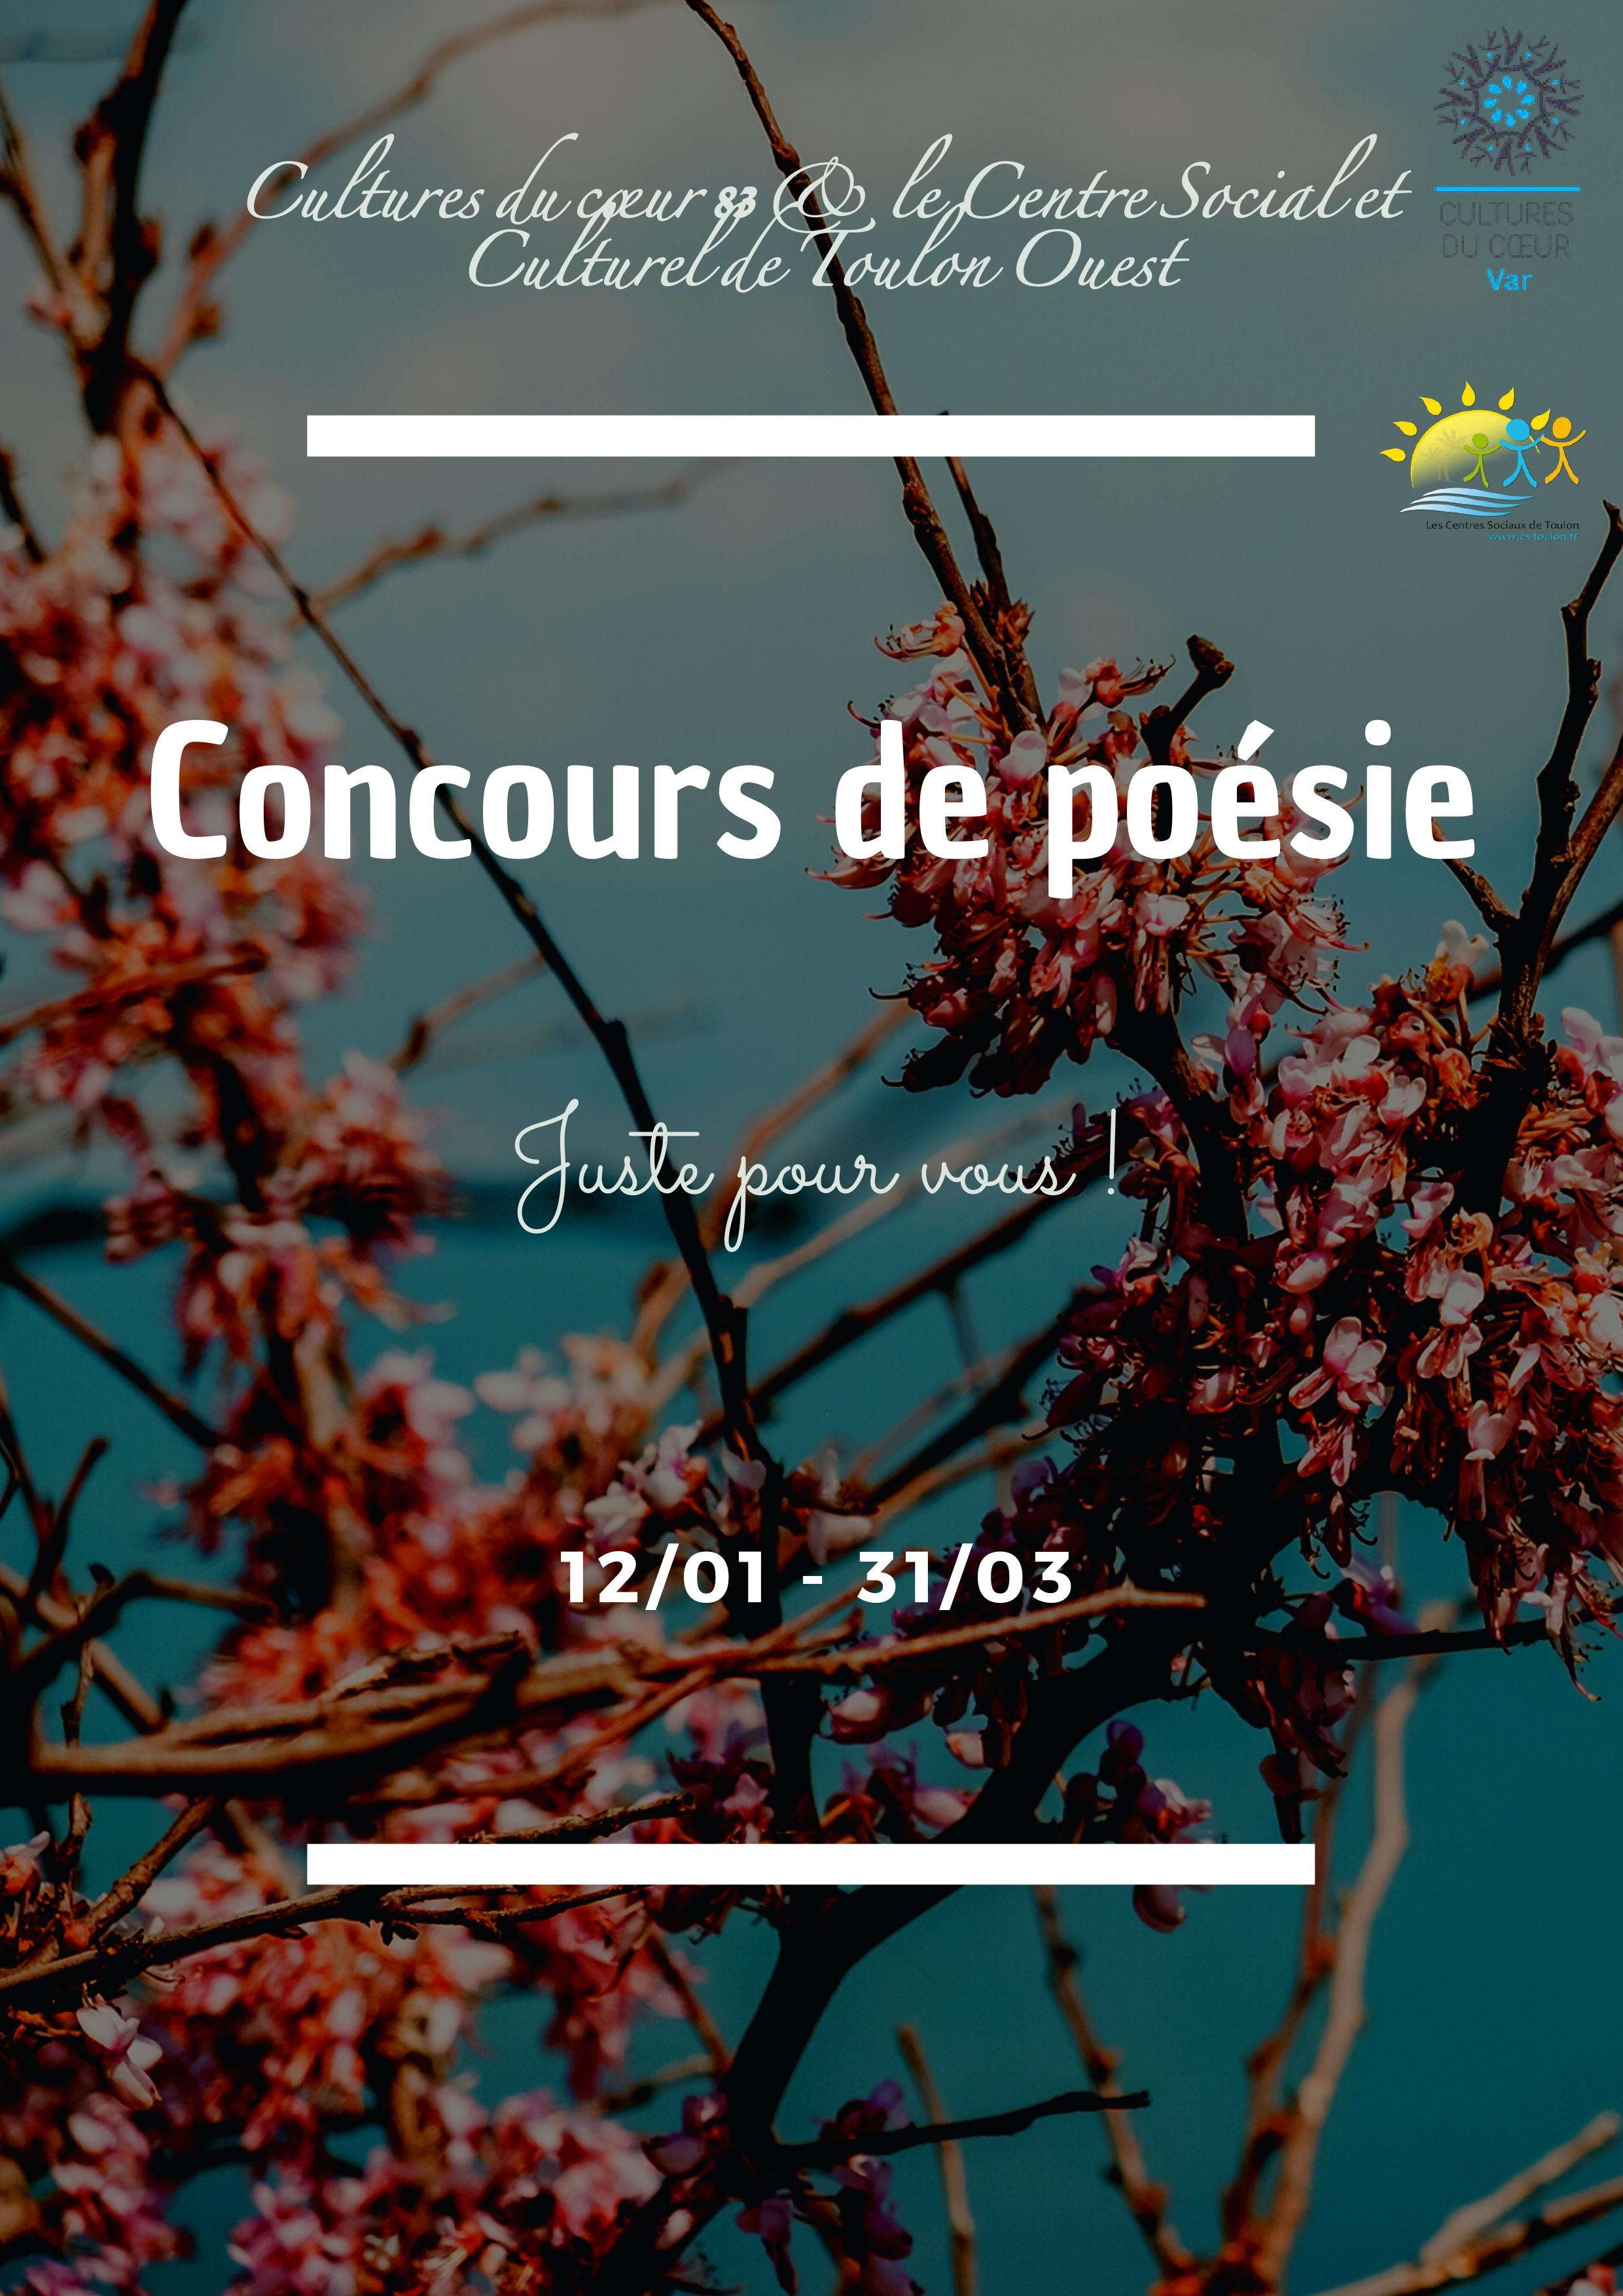 Concours de poésie (1) (2)_page-0001